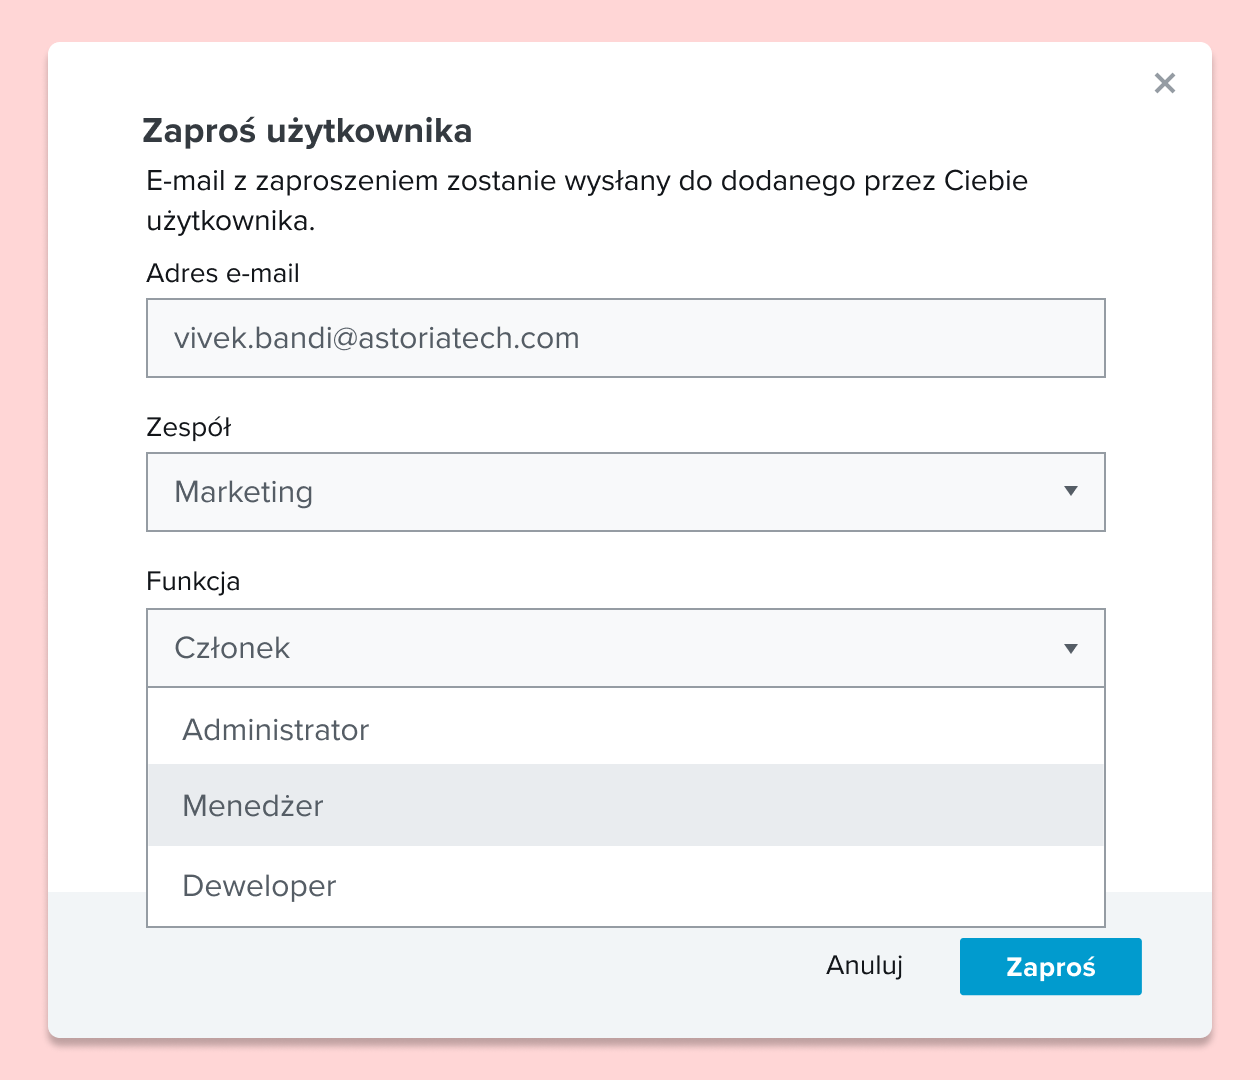 Zrzut ekranu przedstawiający przesyłanie użytkownikowi zaproszenia do dokumentu oraz przypisywanie mu roli